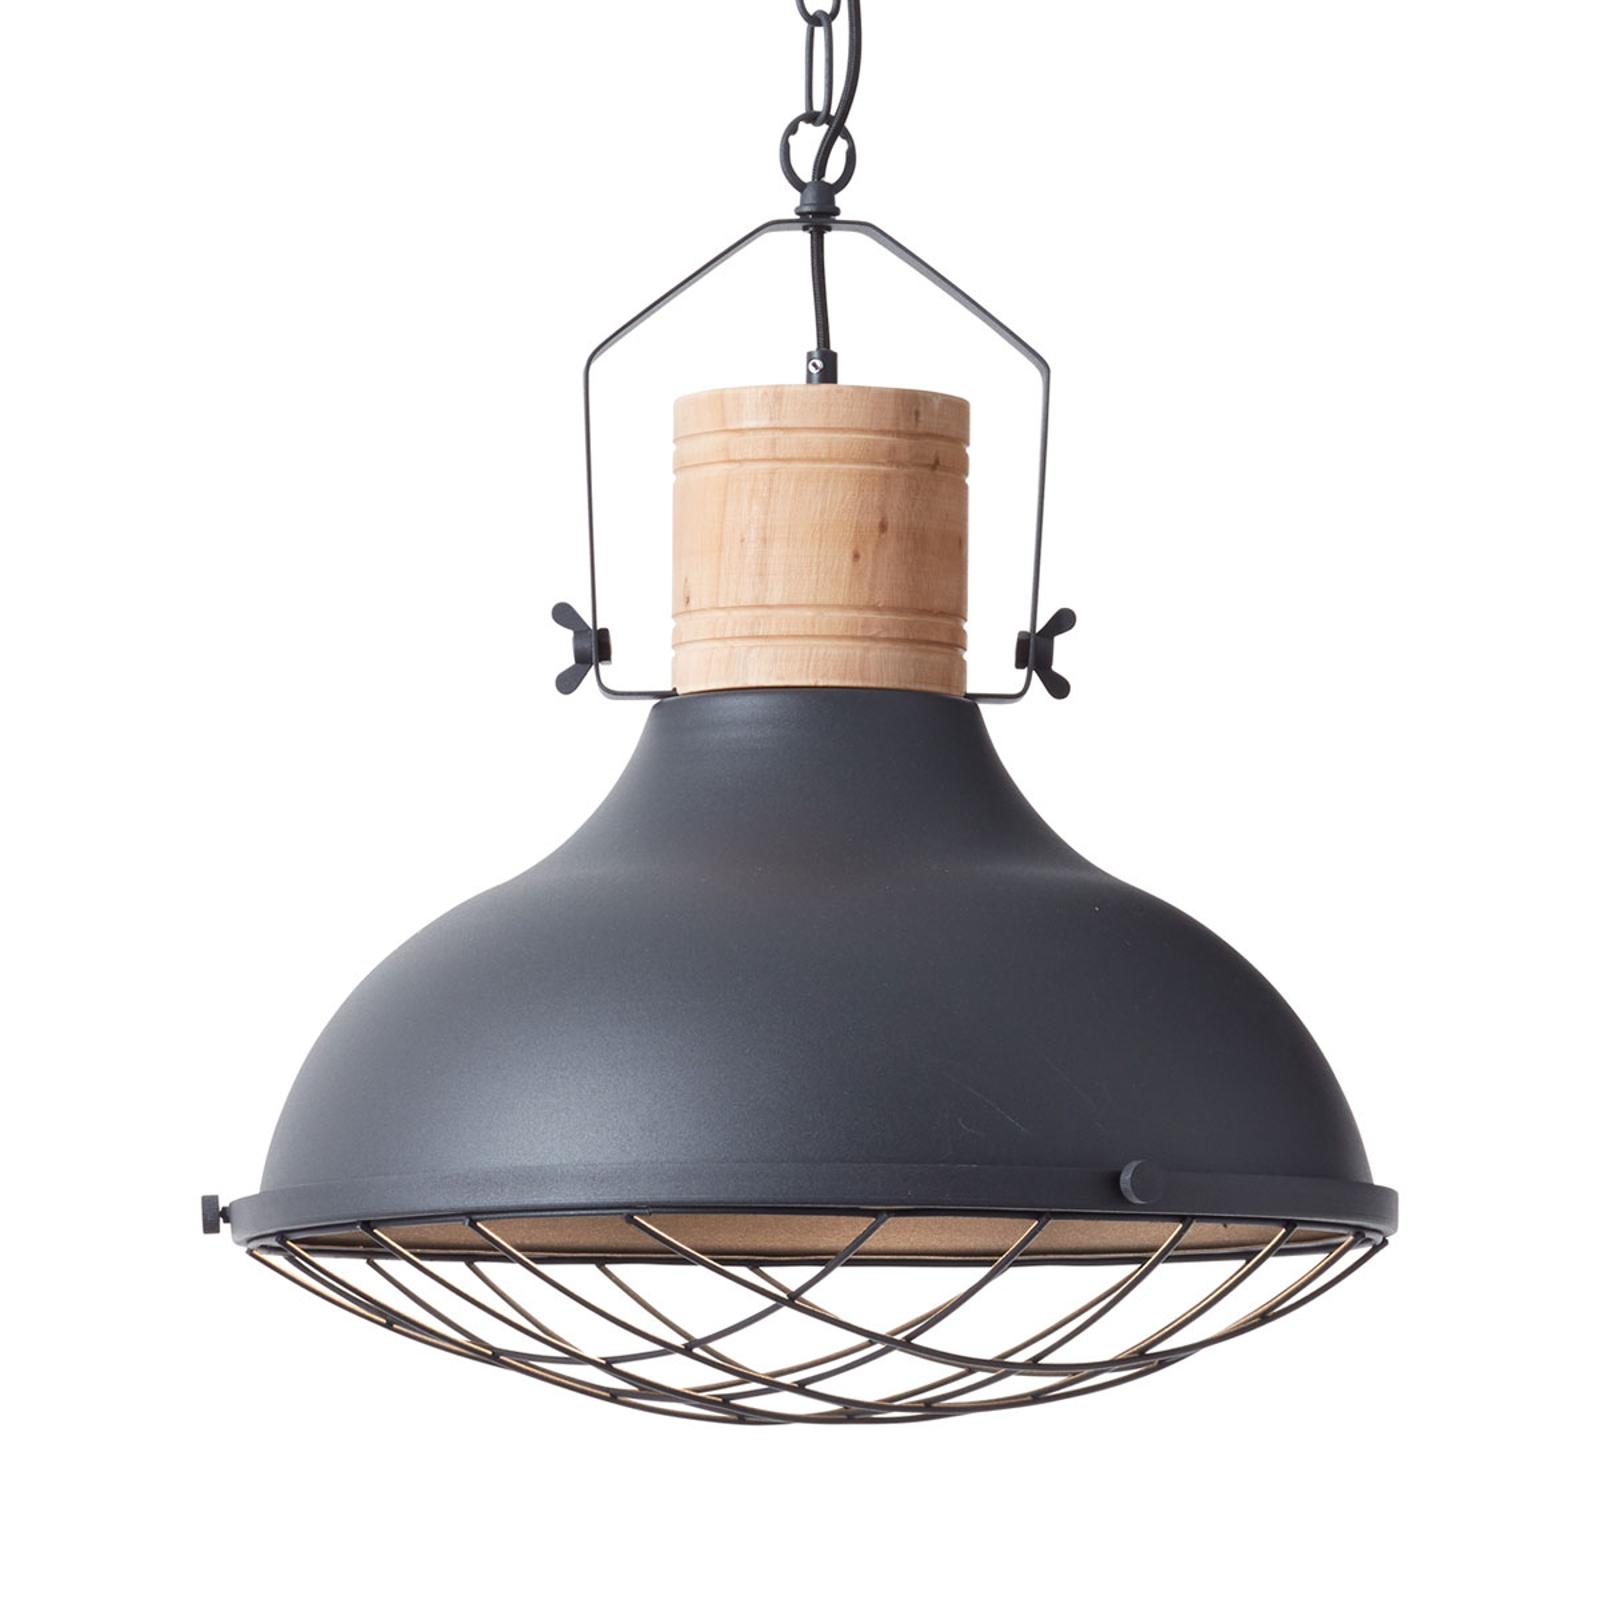 Lampa wisząca Emma z konstrukcją klatkową